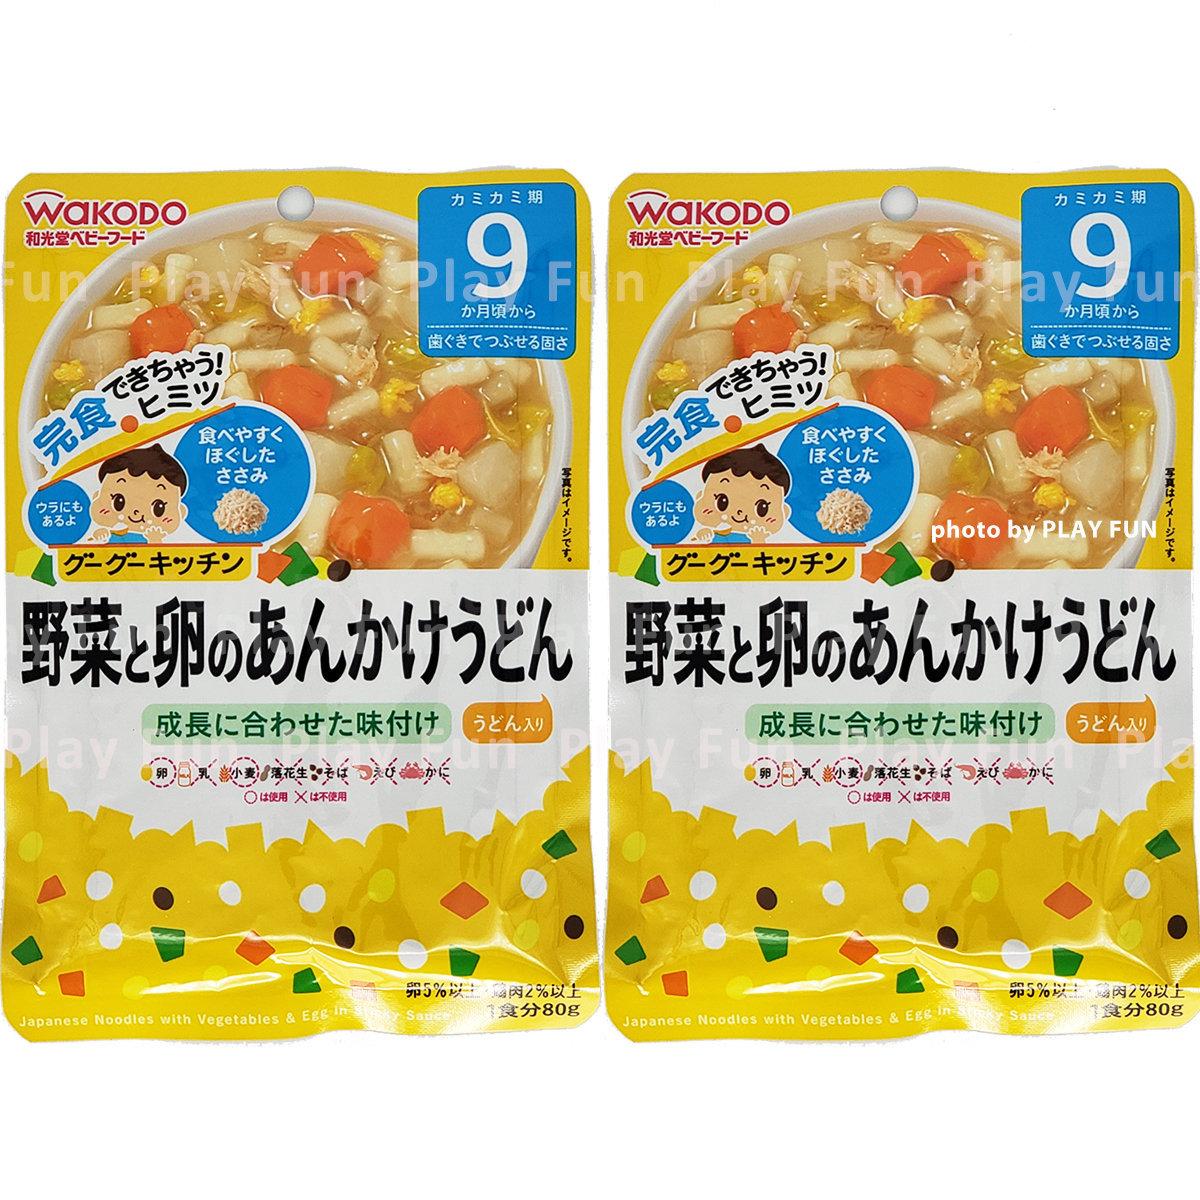 『超值套裝』蔬菜雞蛋烏冬 80g [9個月或以上嬰兒食用] x 2包  (4987244181626_2)